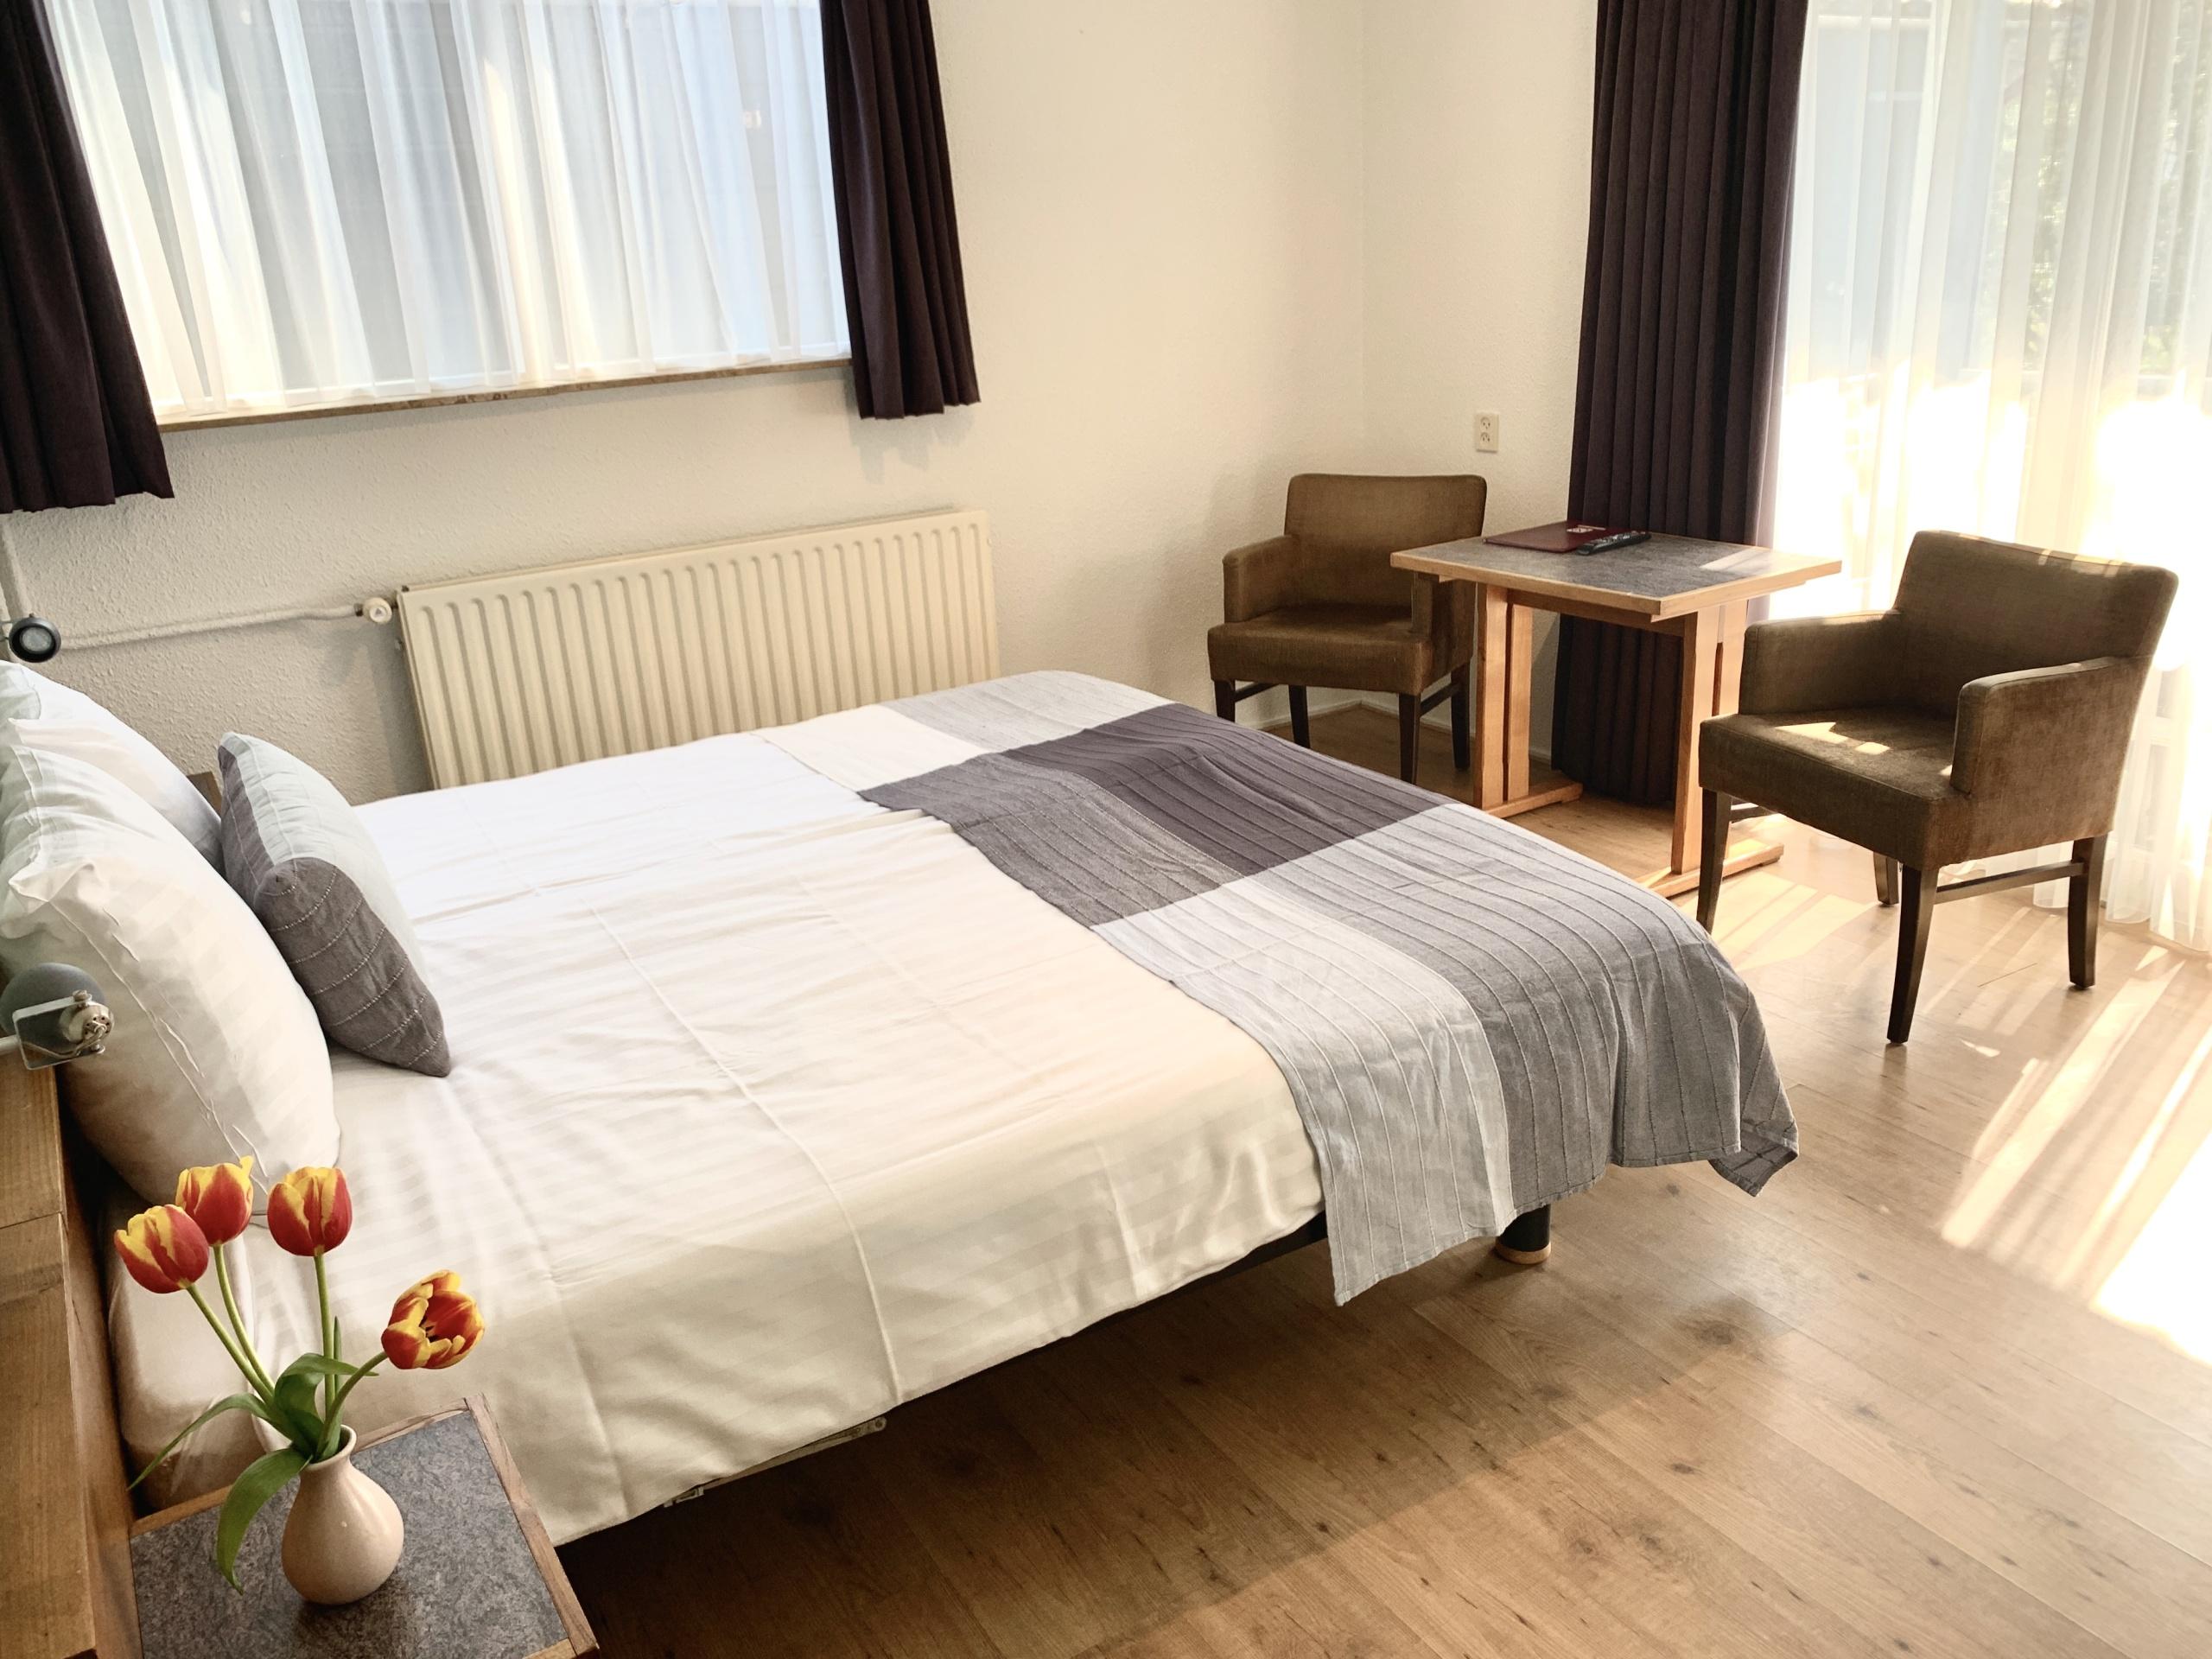 Onthaasten in hotelkamer met terras in familiehotel in De Koog